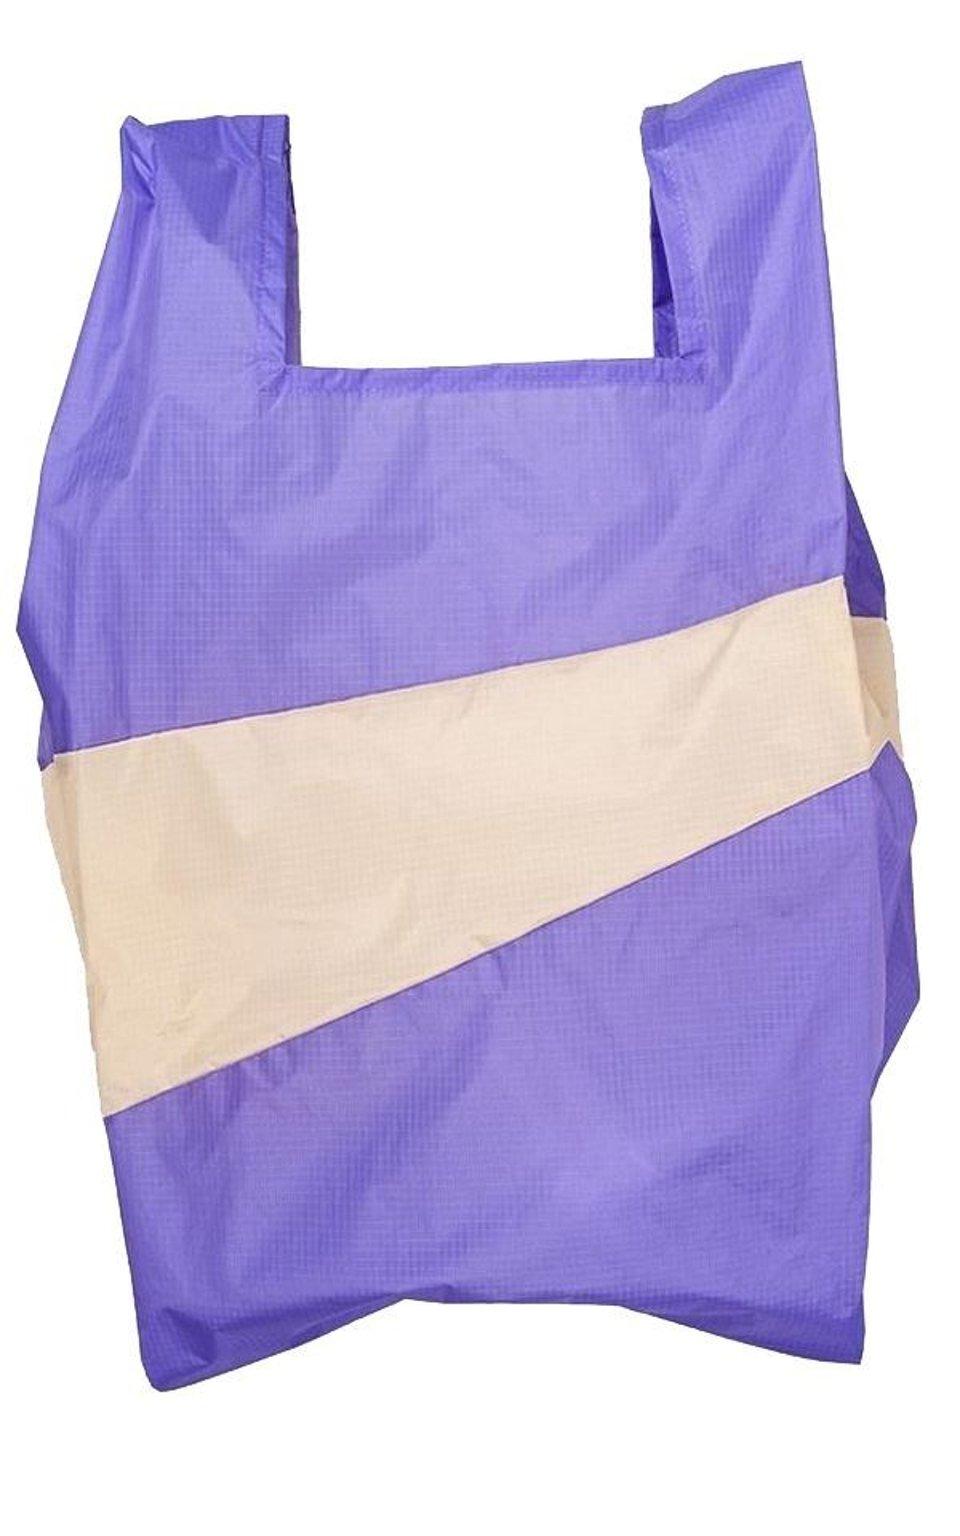 Shopping Bag #2